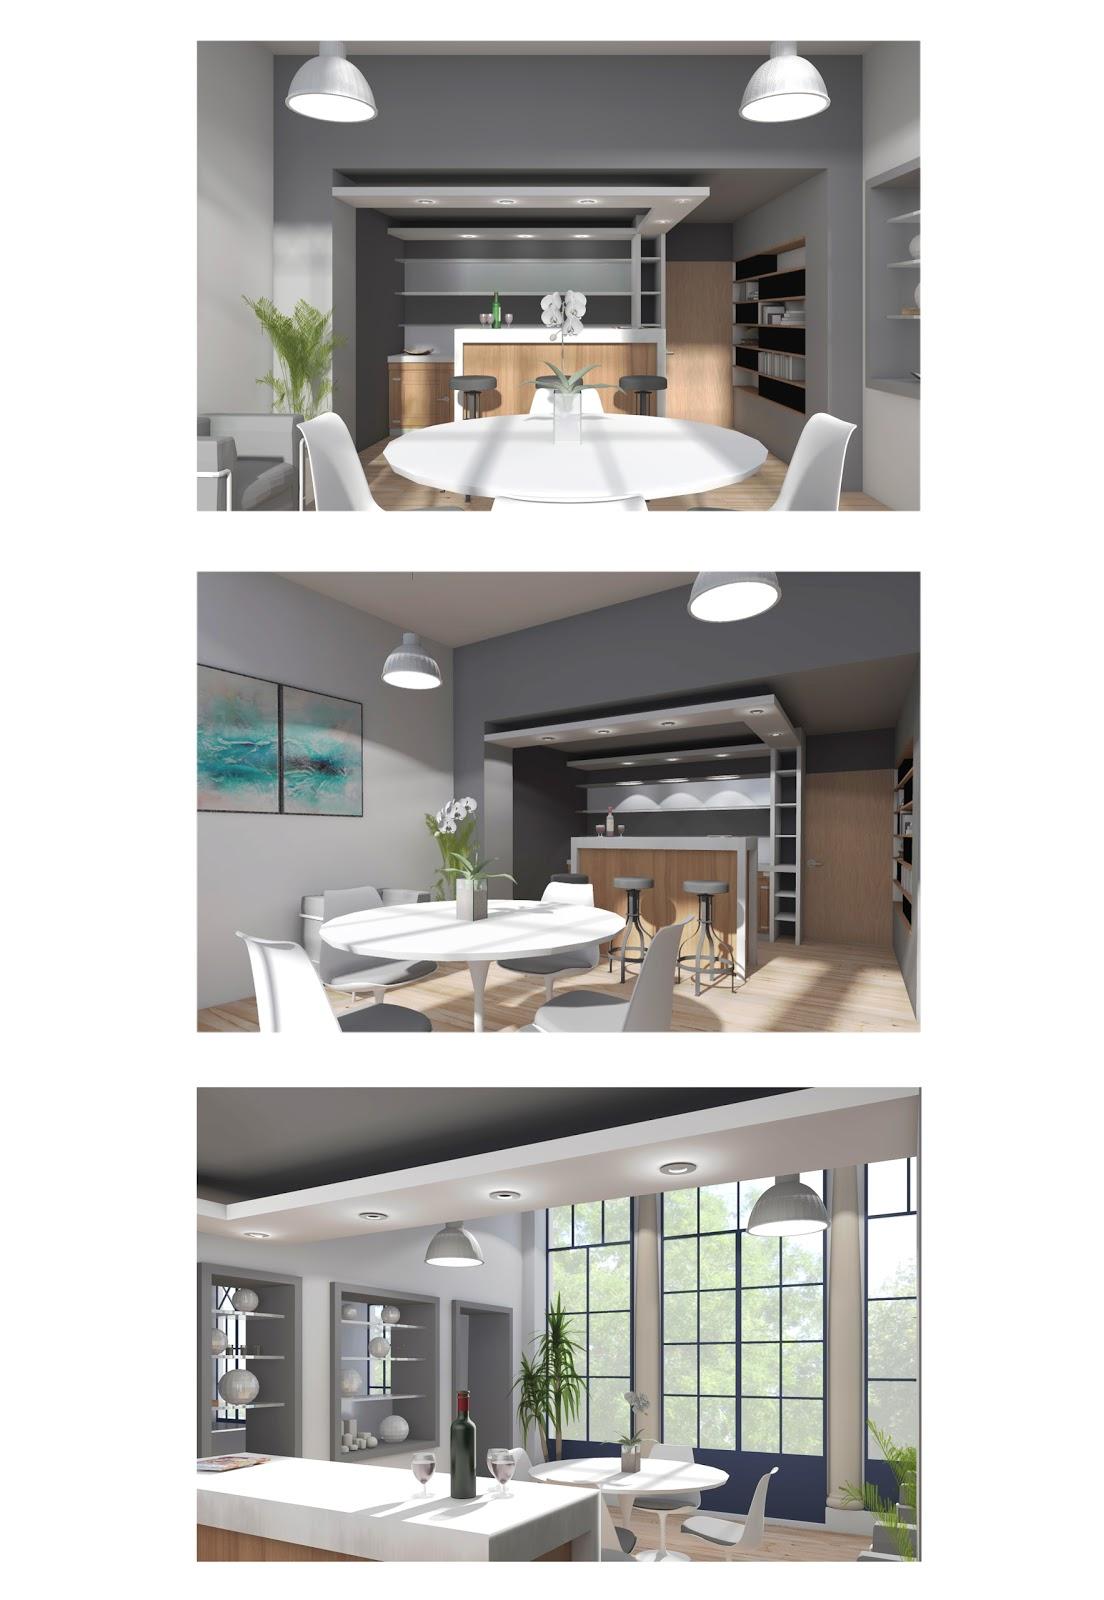 canaud architecte projet d 39 am nagement int rieur d 39 un h tel particulier avignon vaucluse. Black Bedroom Furniture Sets. Home Design Ideas